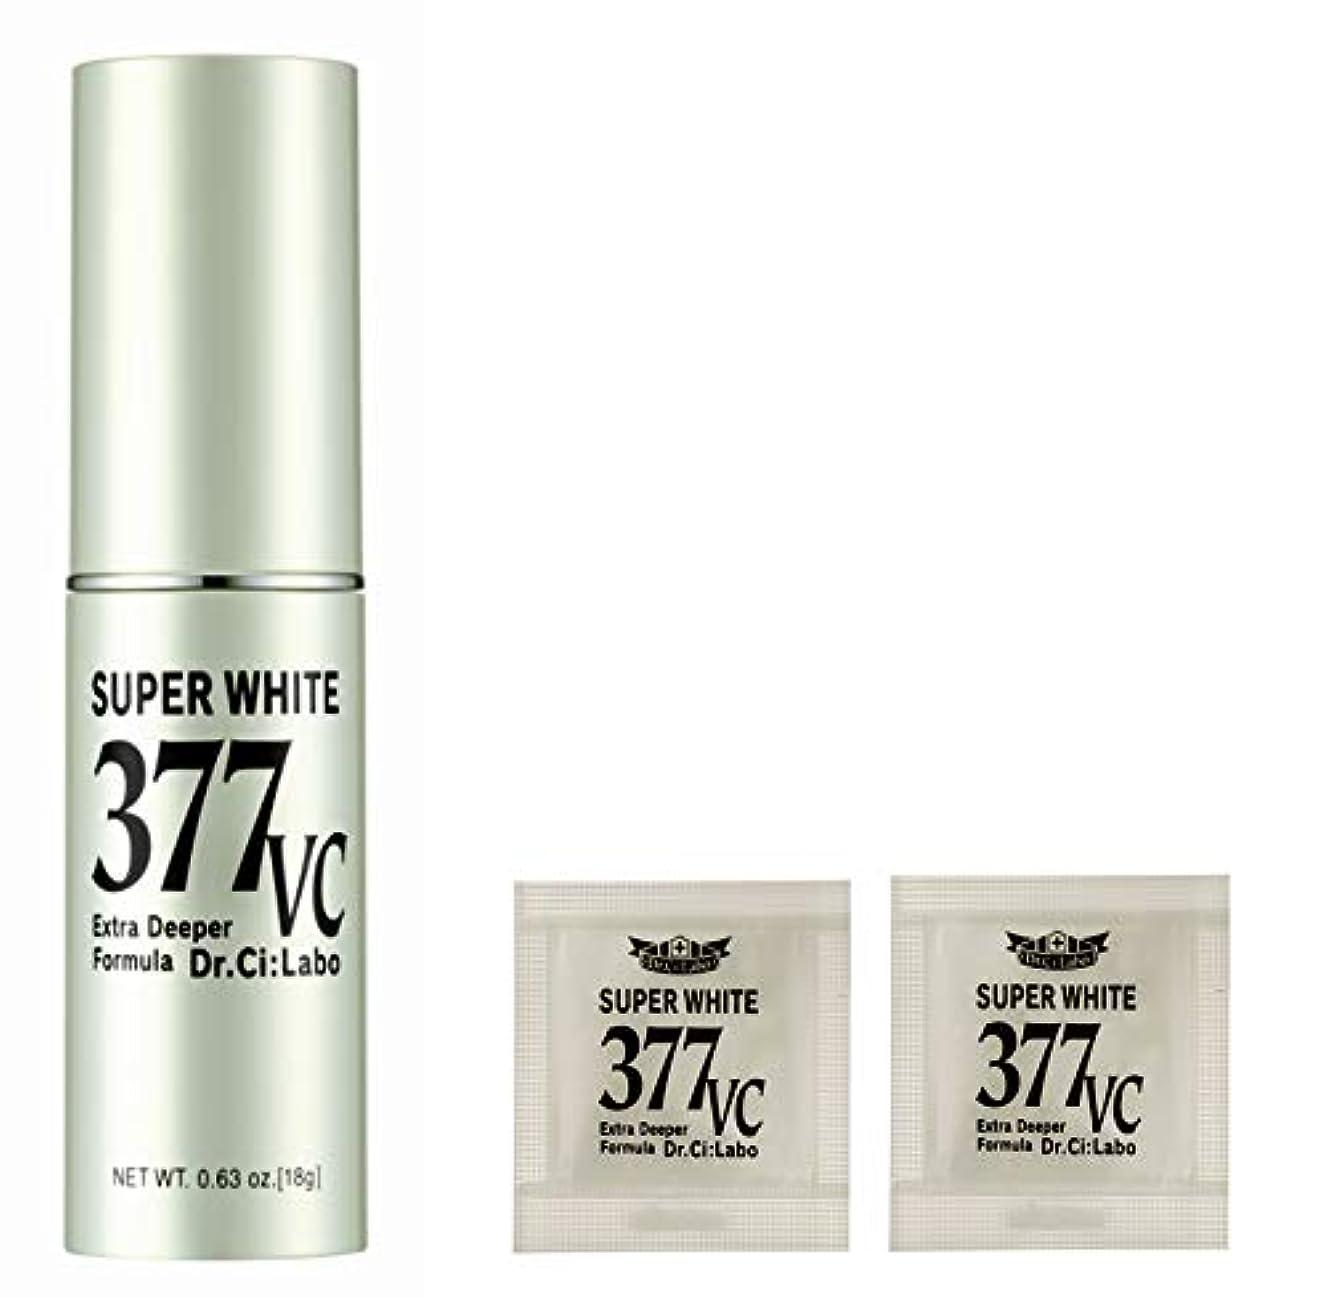 真実ポール却下する【Amazon.co.jp限定】 ドクターシーラボ スーパーホワイト377VC+サンプルパウチ 美容液 セット 18g+サンプル1回分付き